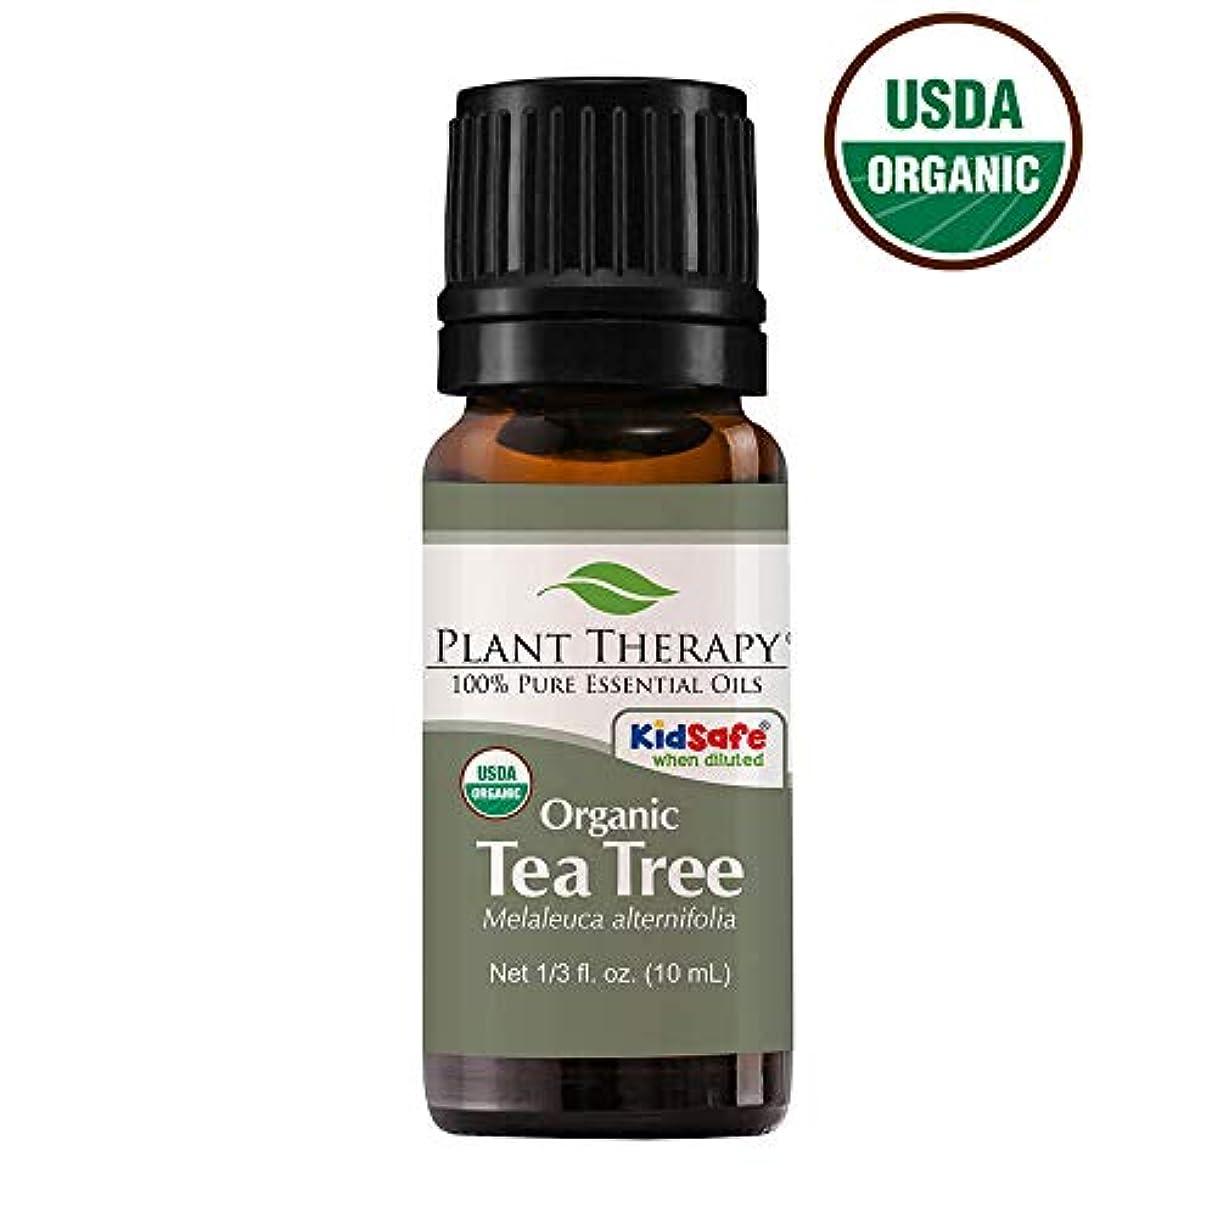 乱雑な十代内向きPlant Therapy Essential Oils (プラントセラピー エッセンシャルオイル) オーガニック ティーツリー (メラルーカ) エッセンシャルオイル